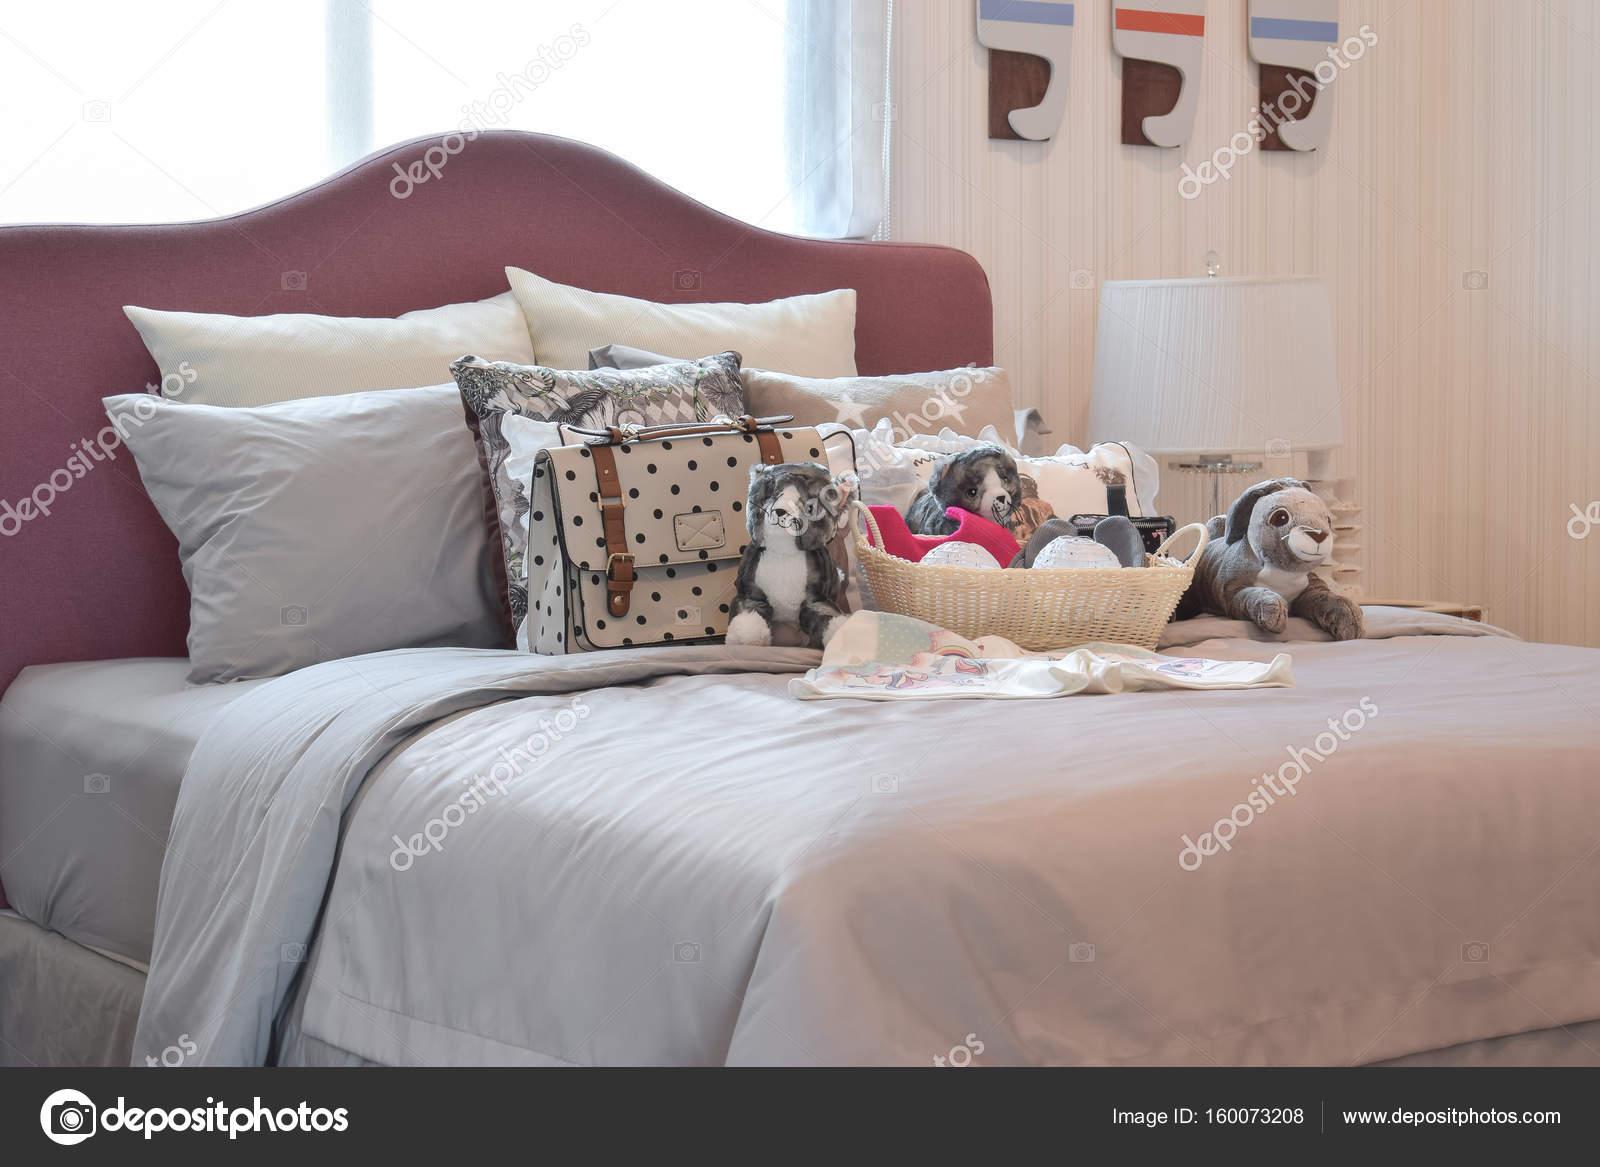 Kinder Schlafzimmer Mit Puppen Tasche Und Kissen Auf Dem Bett Zu